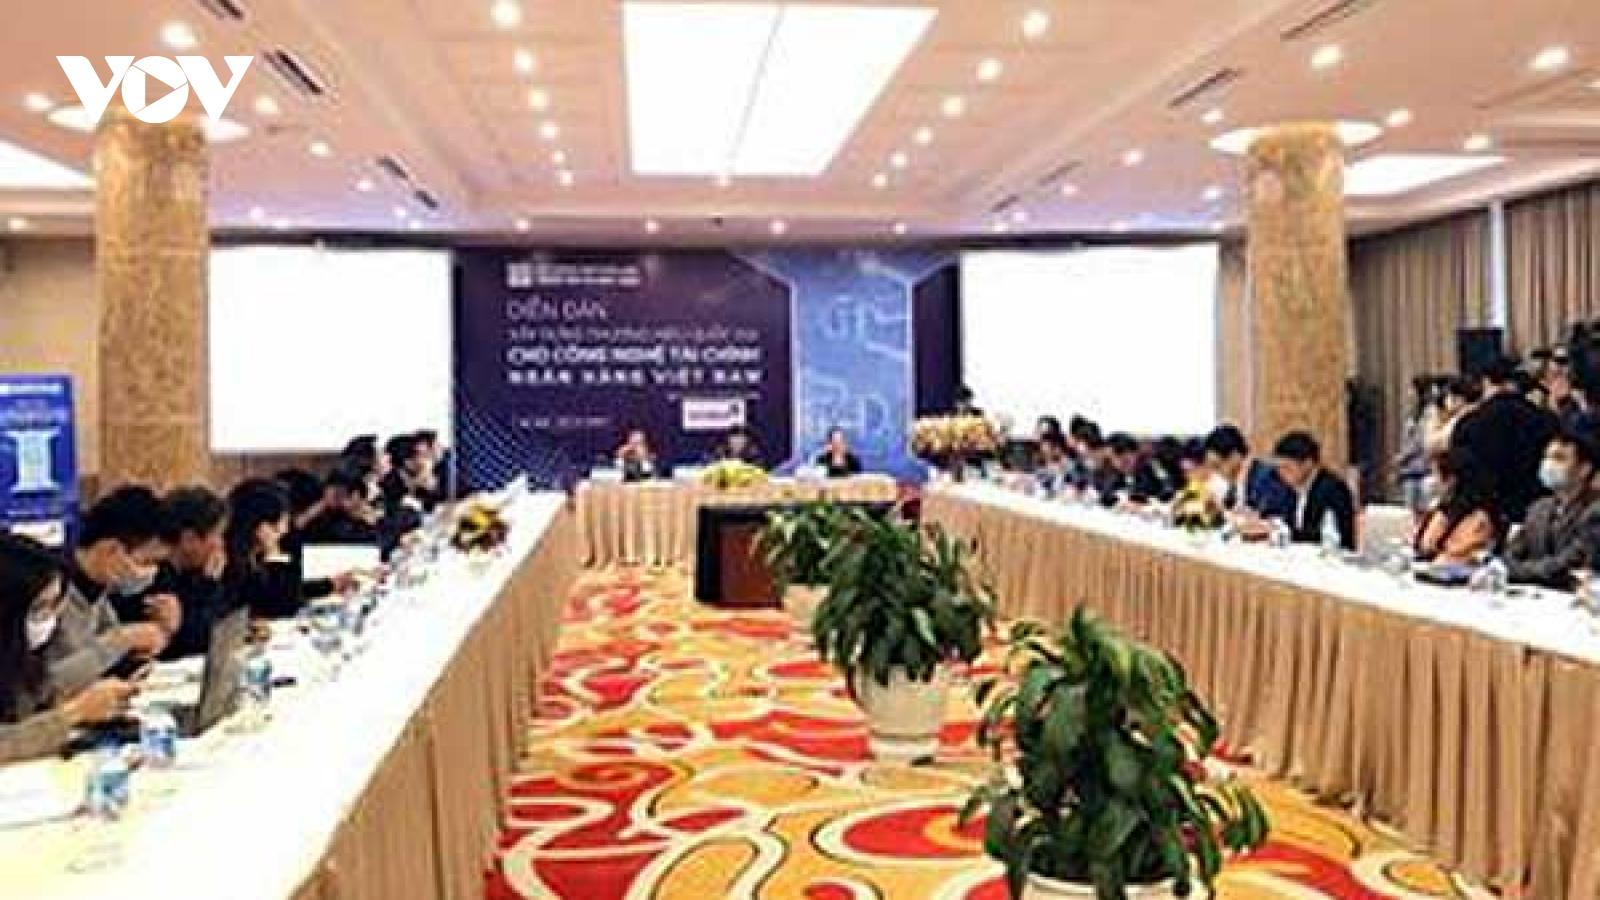 Hoàn thiện hành lang pháp lý cho công nghệ tài chính ngân hàng